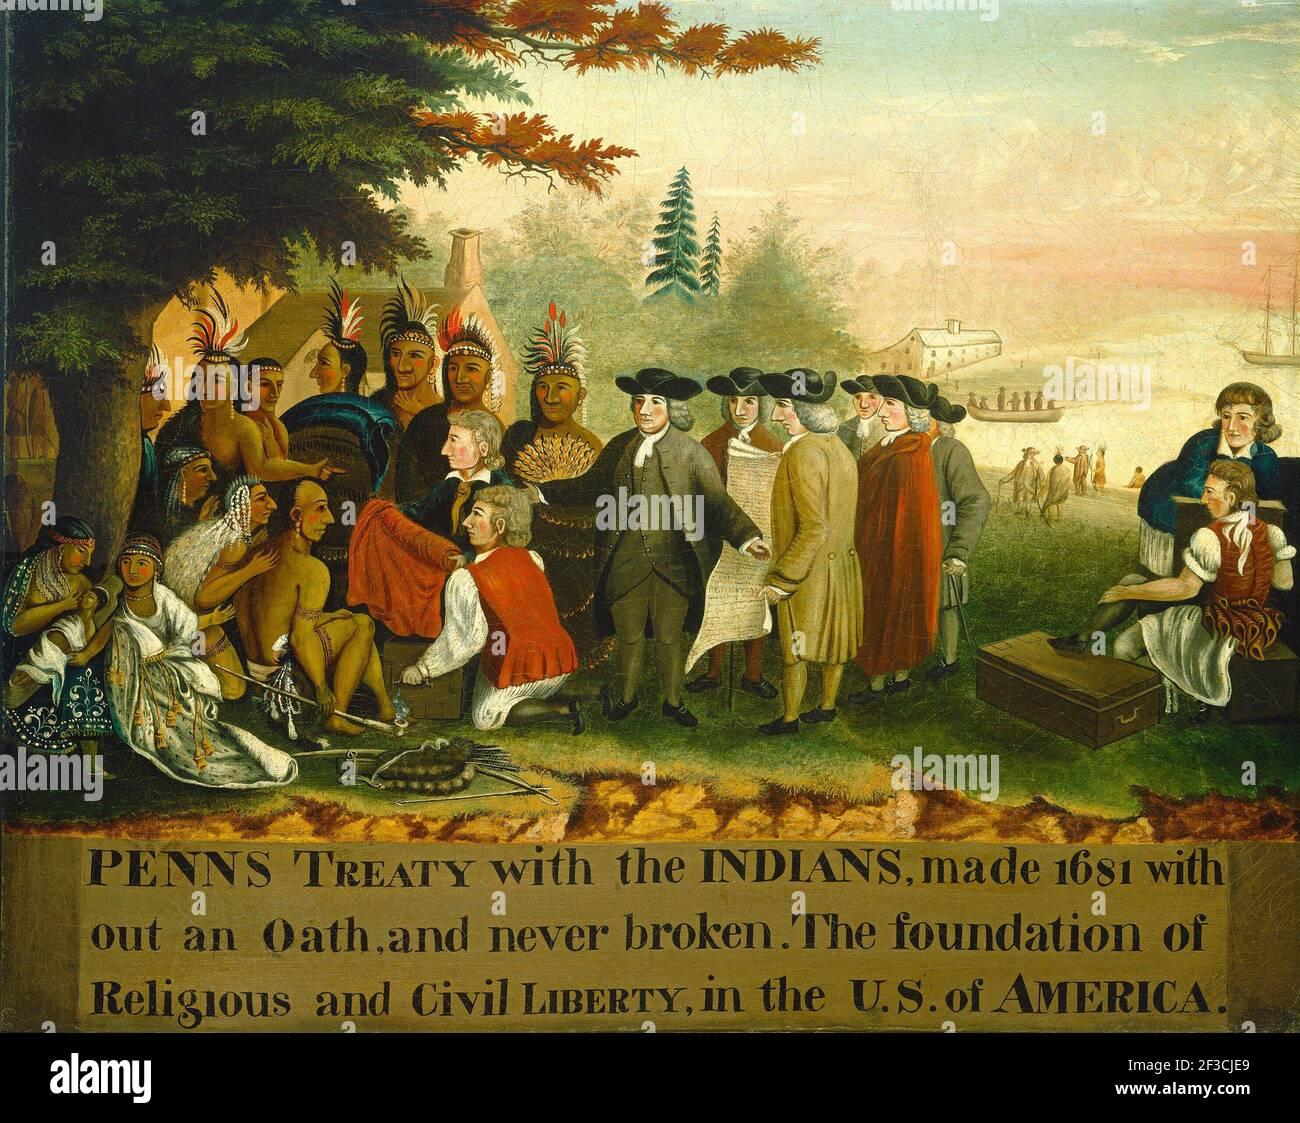 El Tratado de Penn con los Indios, c. 1840/1844. Foto de stock